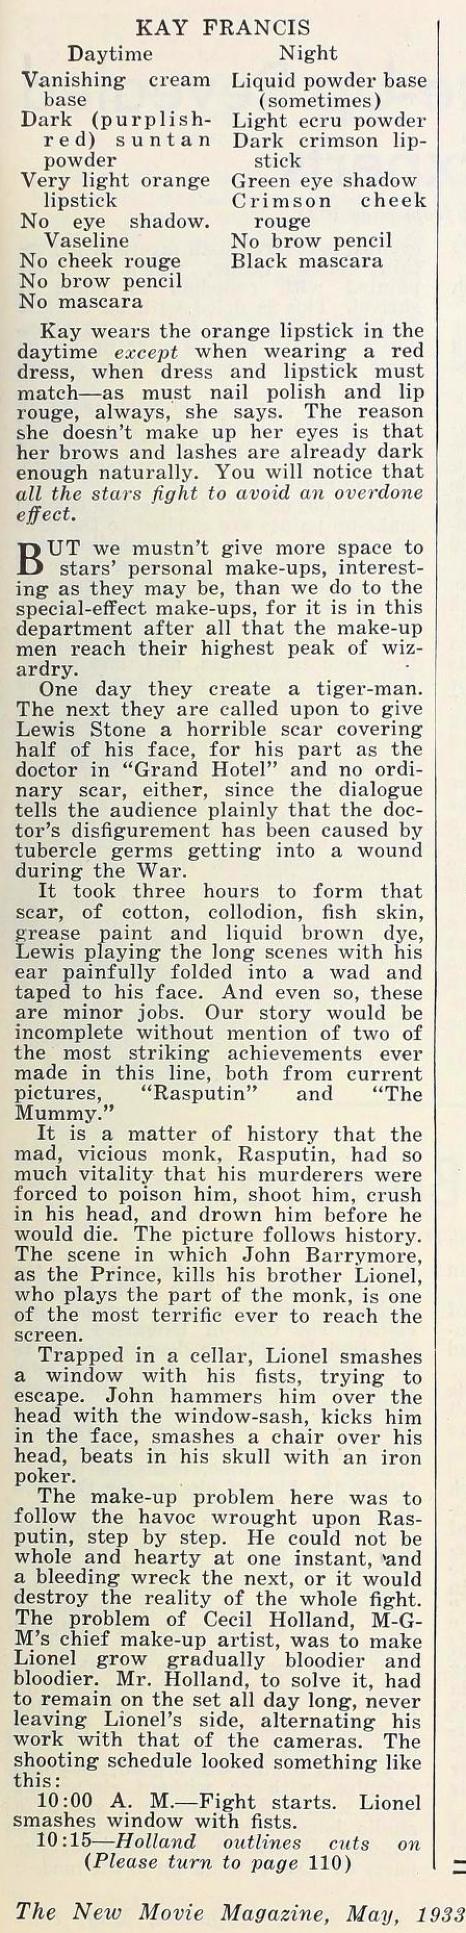 carole lombard the new movie magazine may 1933fa